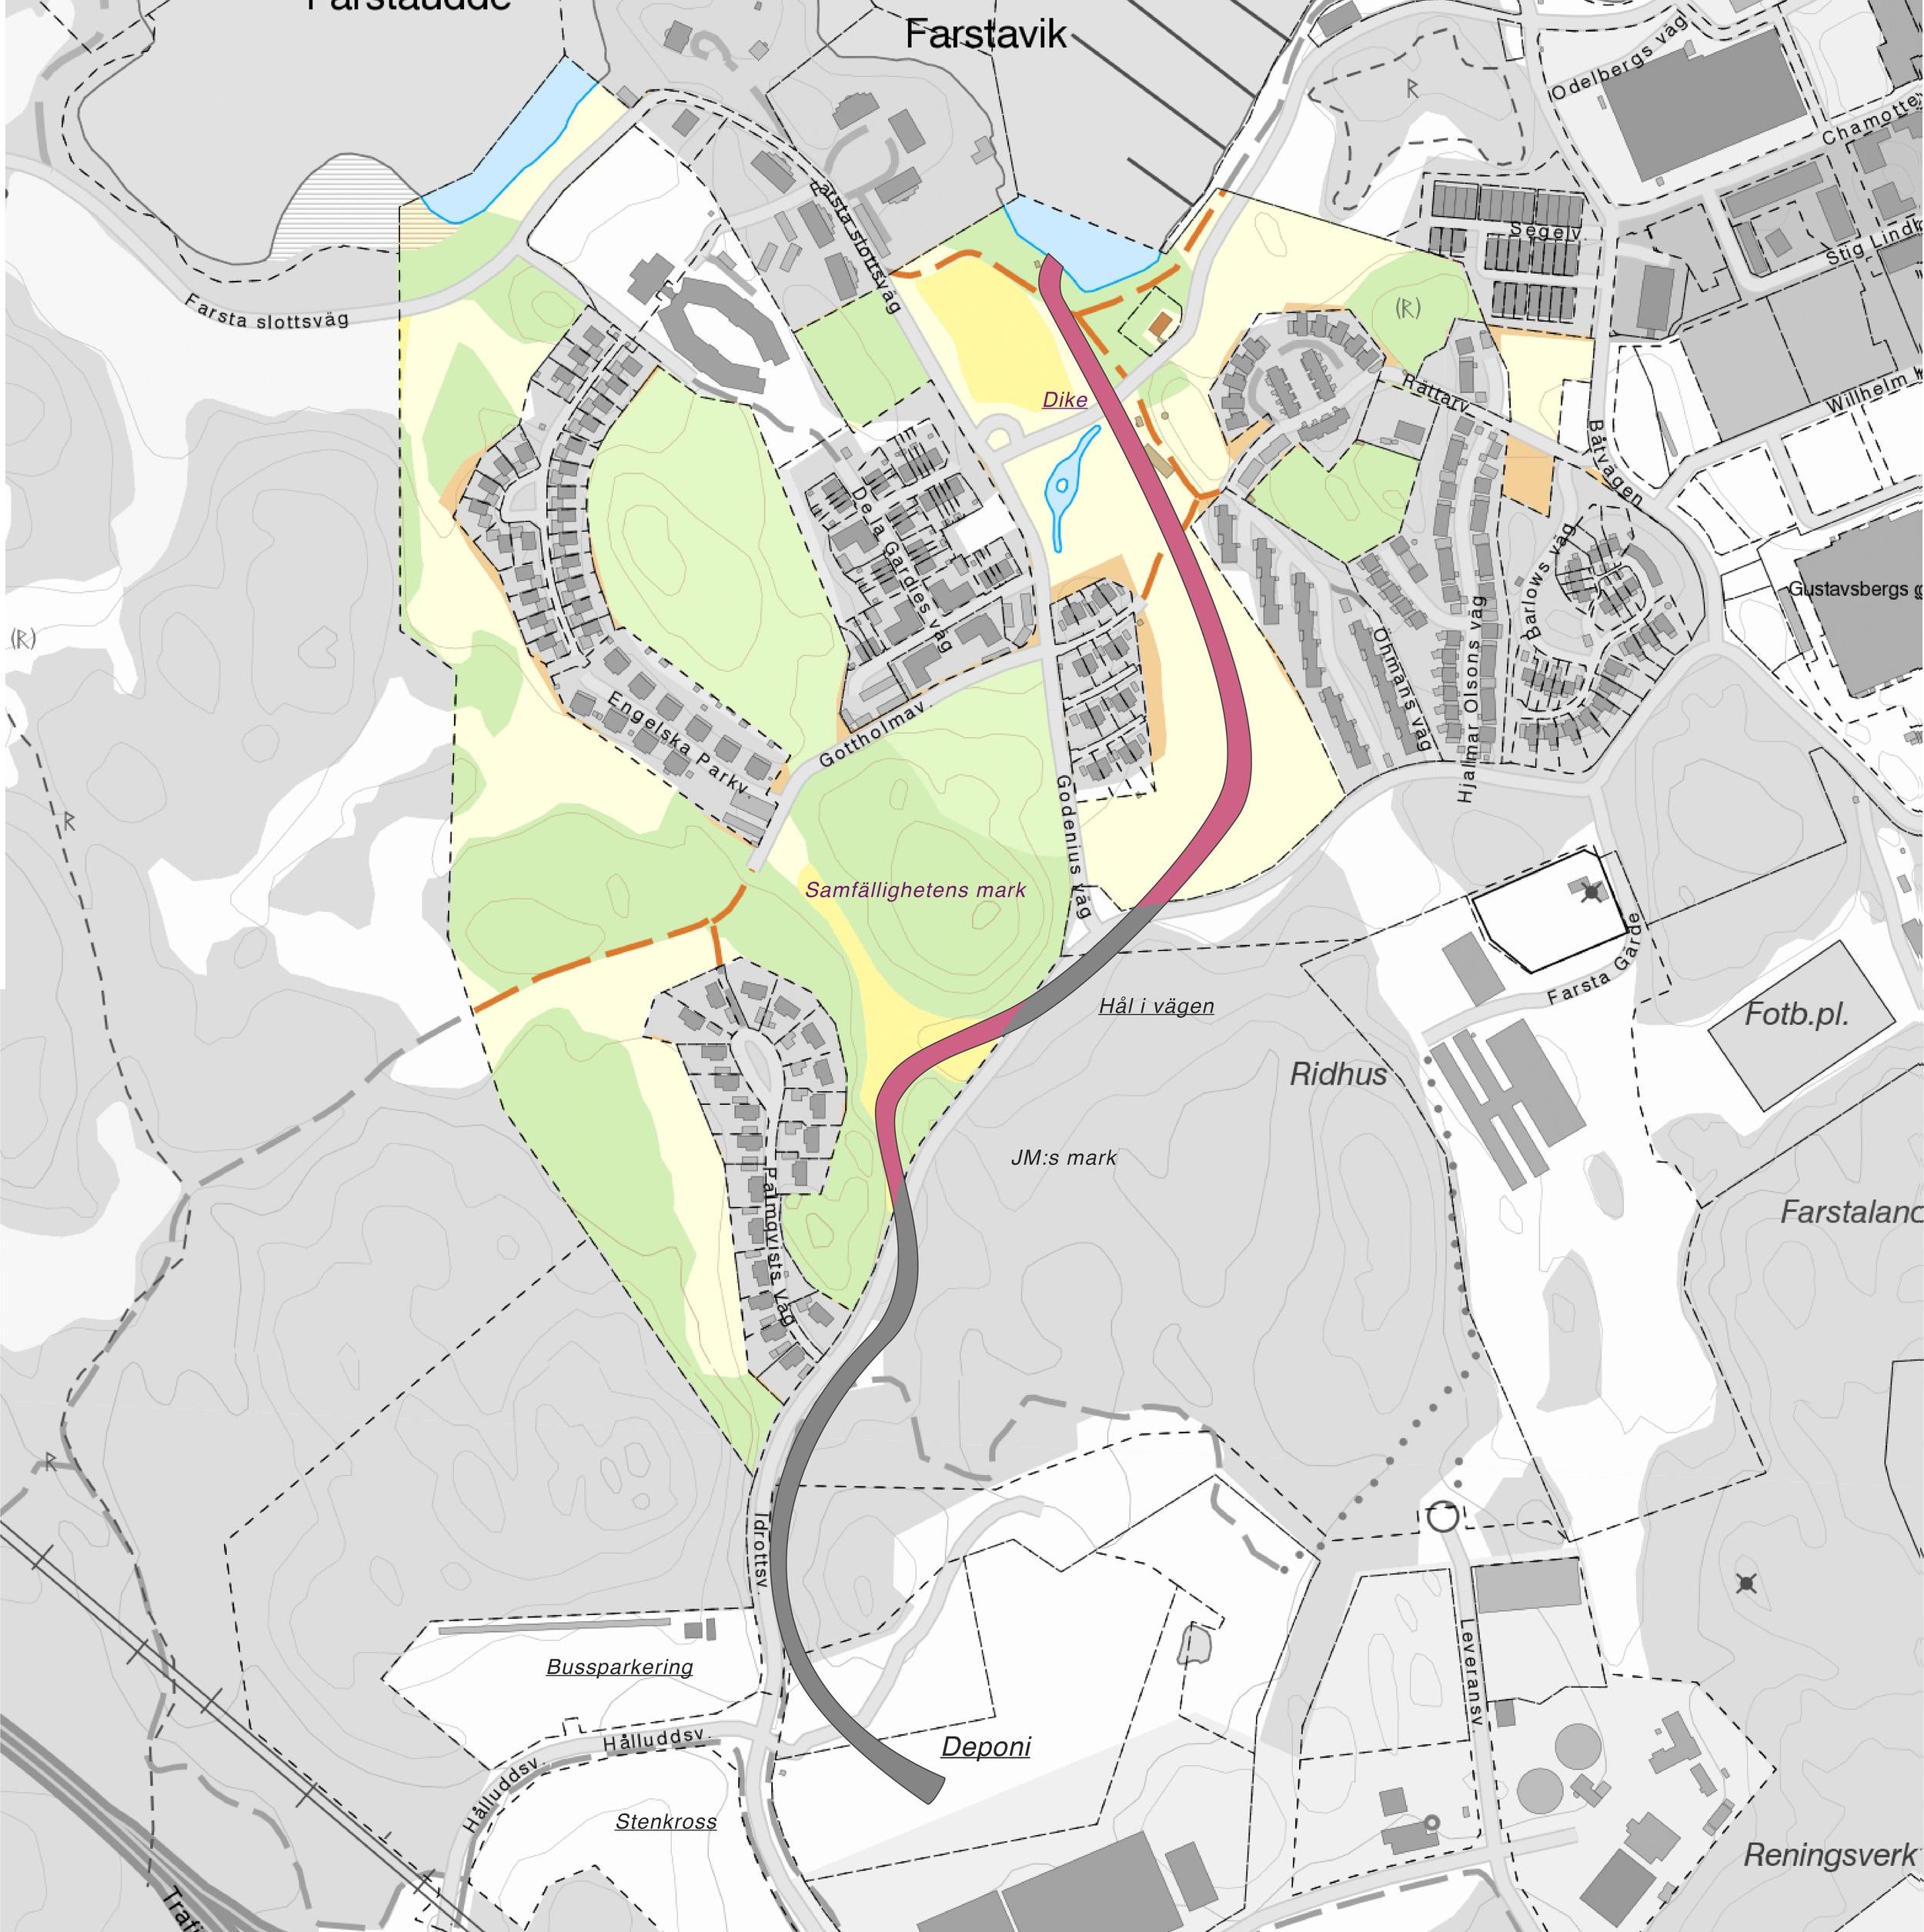 Rörets dragning utmärkt på fastighetskarta. Den färgade delen av kartan utgör Farsta Slottsviks samfällighet.